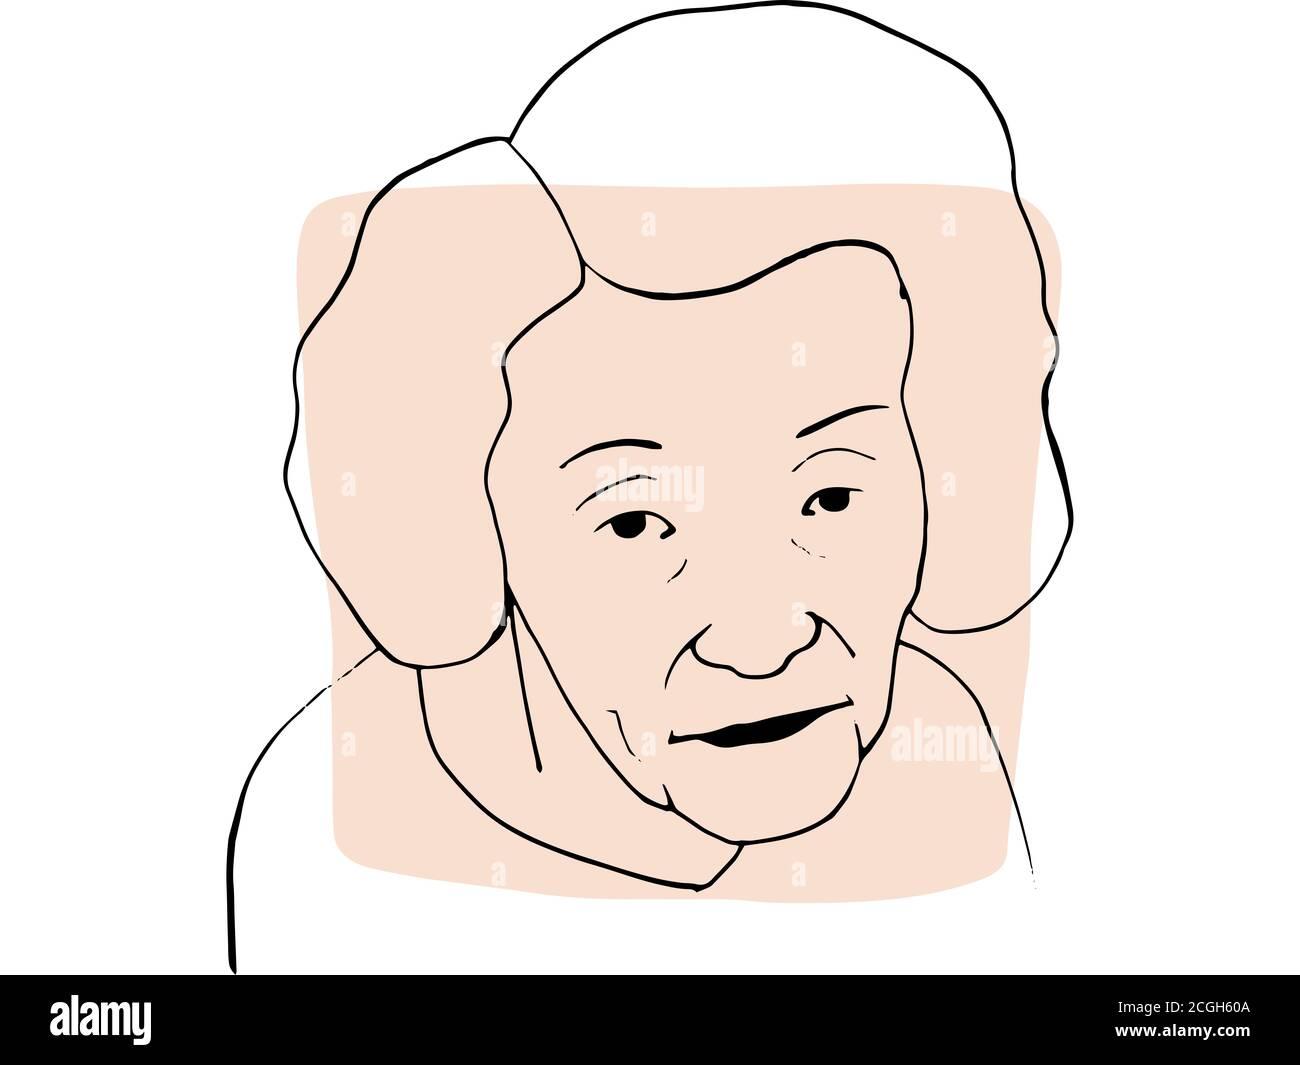 Dibujo a mano retrato de la anciana con muestra de color beige claro. Colección abstracta de diferentes personas y tonos de piel. Concepto de diversidad Foto de stock